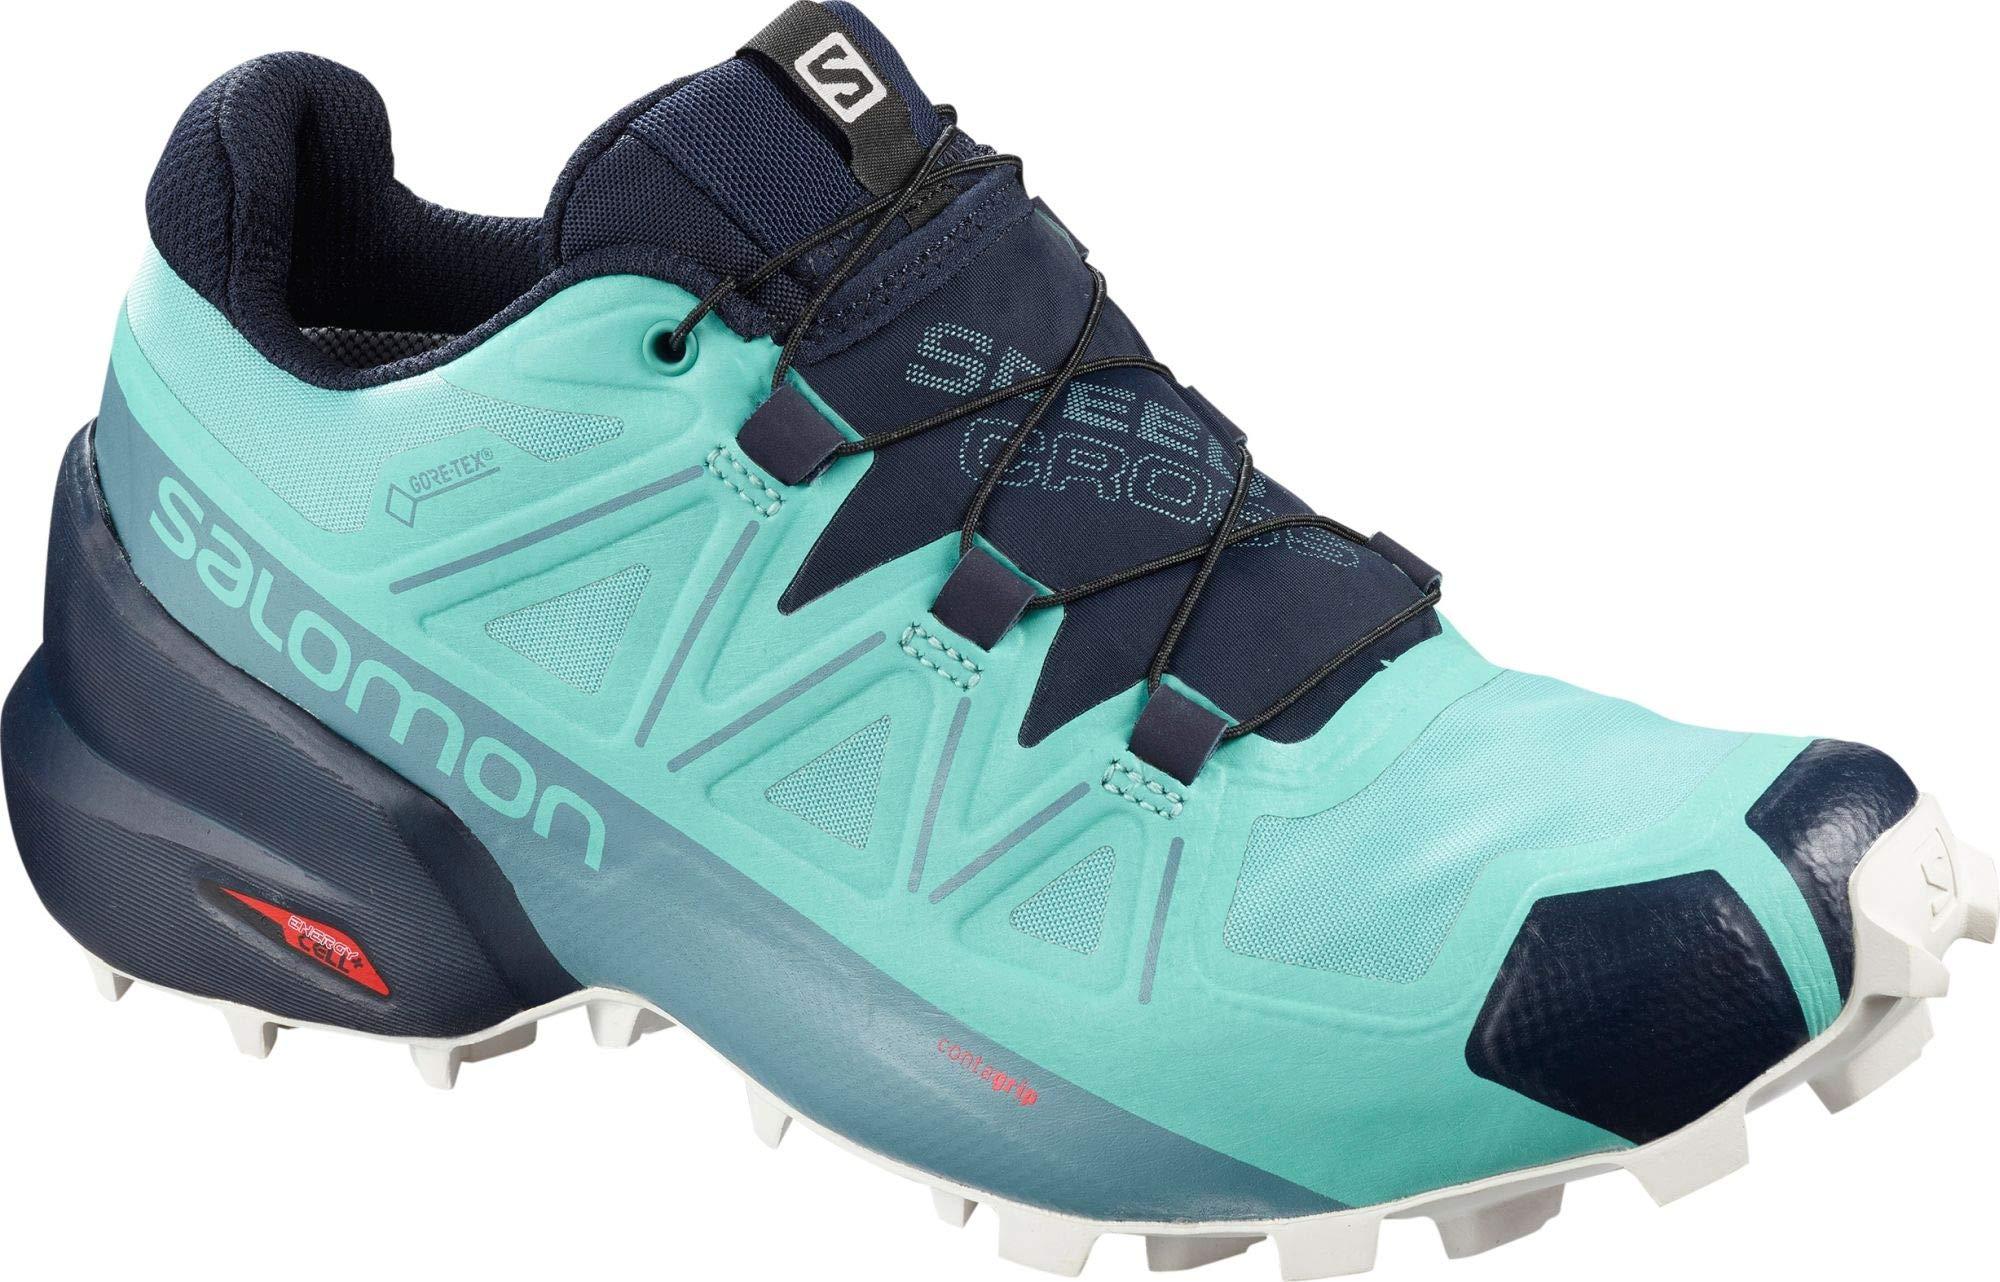 Salomon Women's Speedcross 5 GTX Trail Running Shoes, Meadowbrook/Navy Blazer/White San, 6.5 by SALOMON